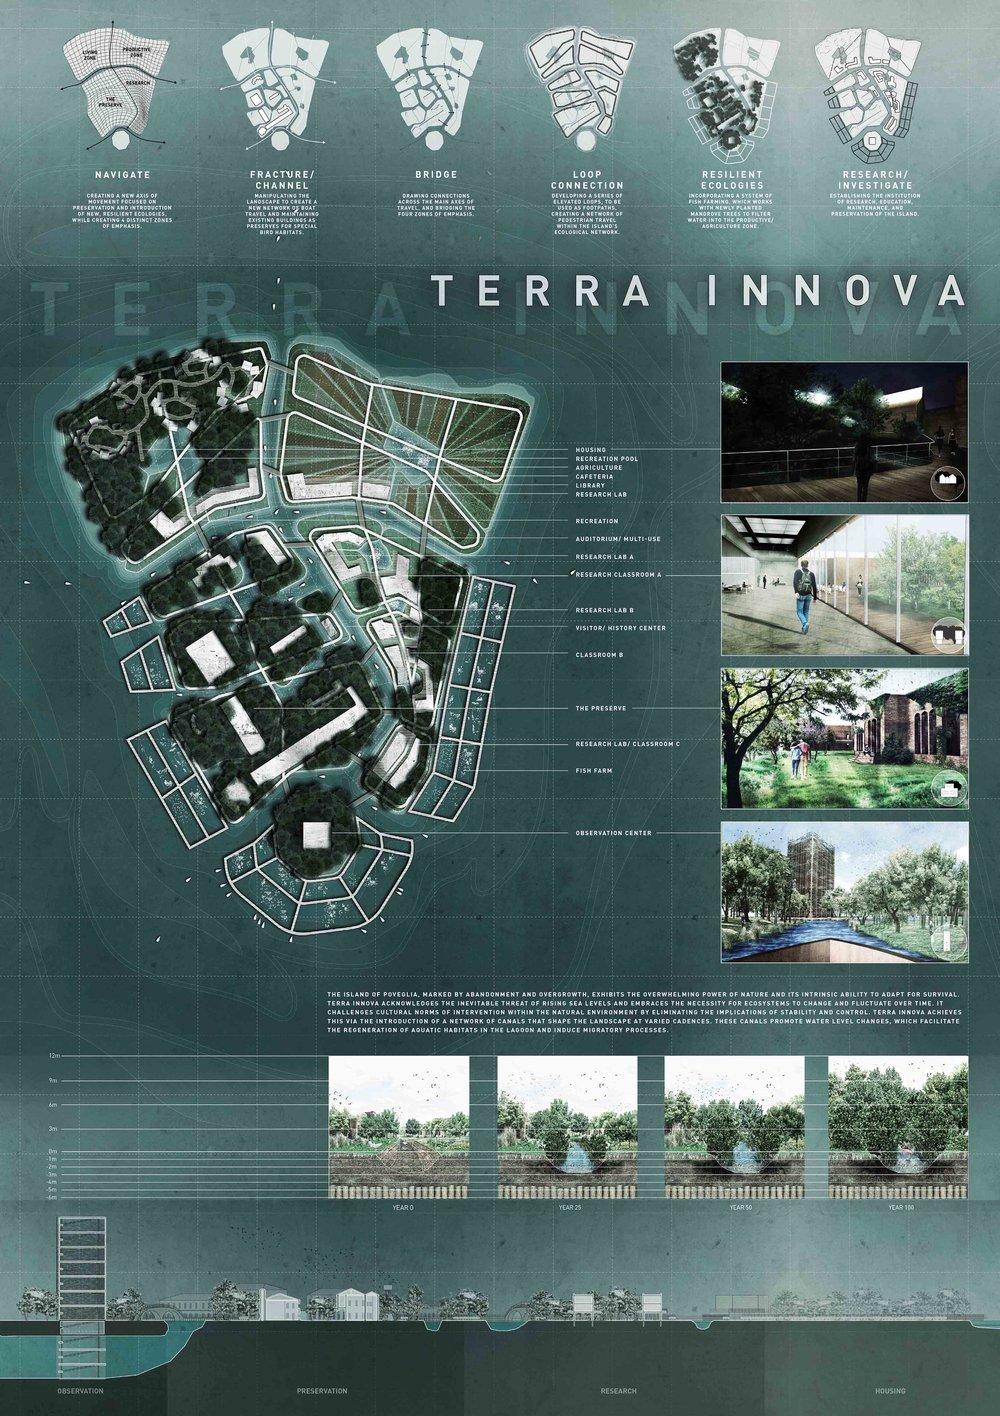 Univeristy Island Terra Innova Matt Fajkus Architecture MF MFx16 Board.jpg